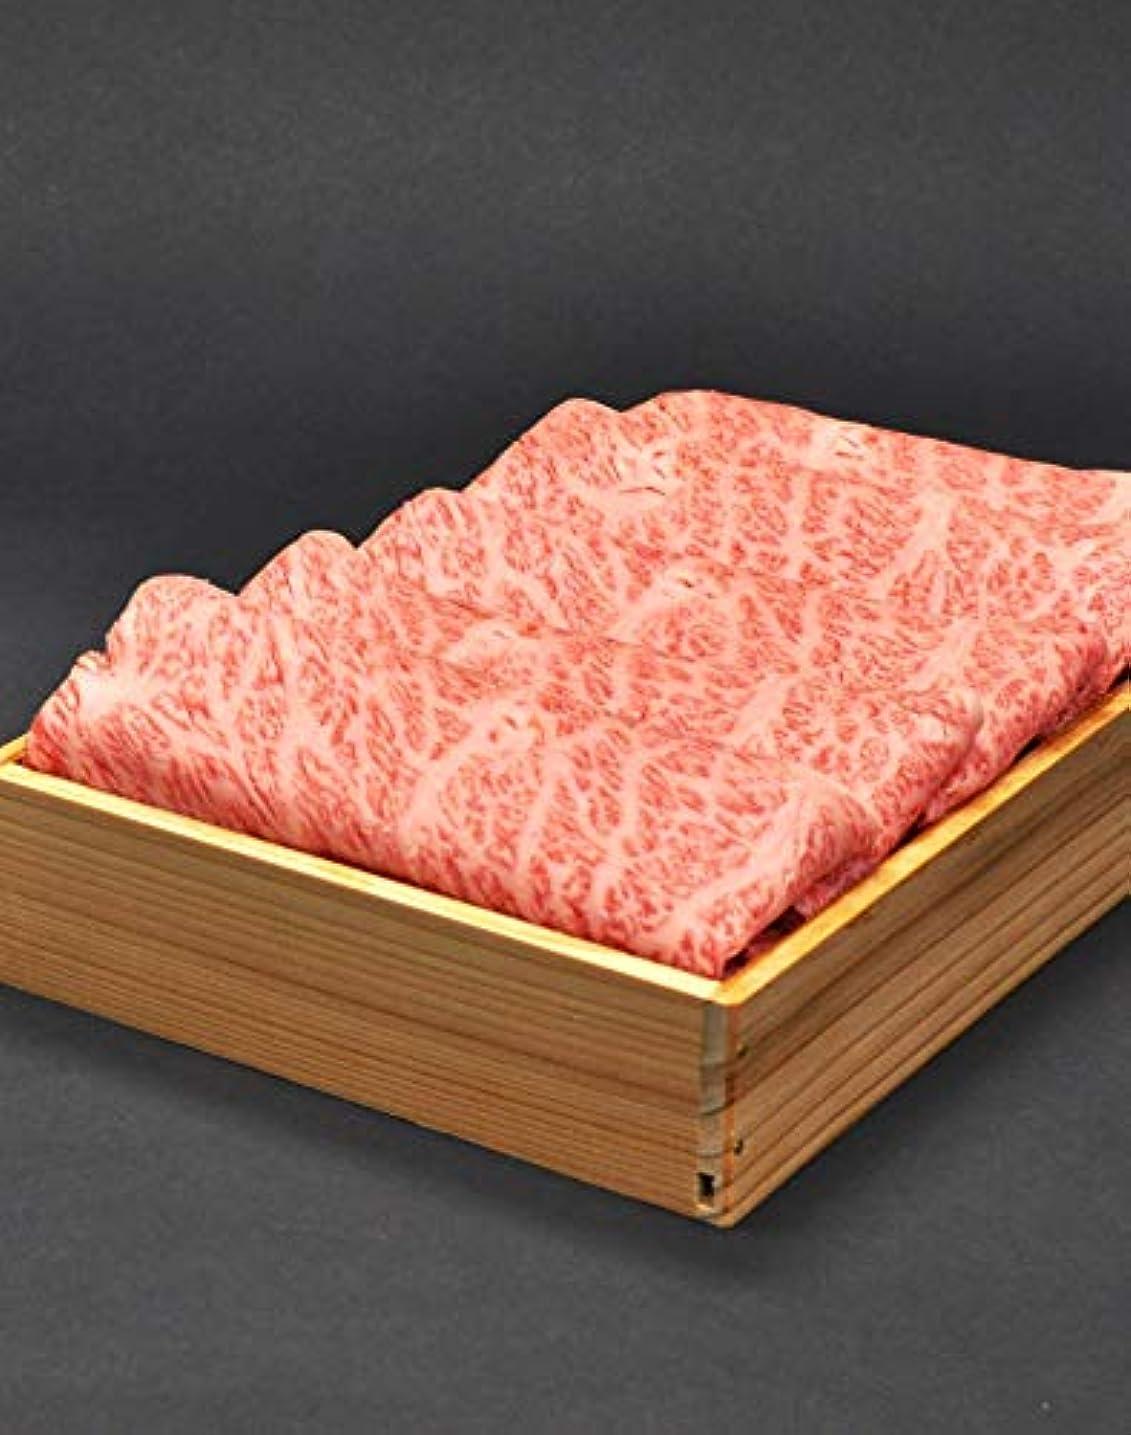 便益針シャー松阪牛 木箱入り ギフト X すき焼き 肉(ロース?肩ロース) (400g)